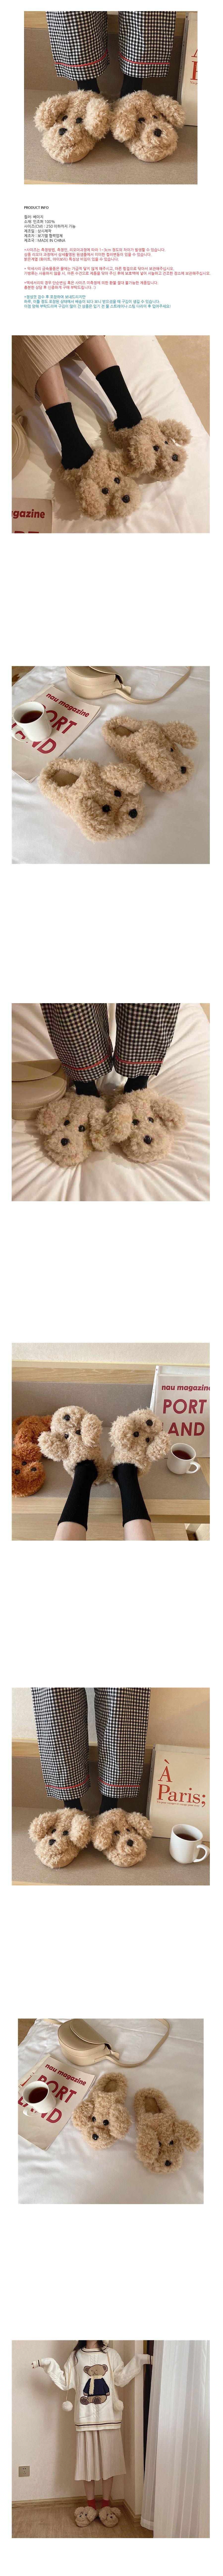 퍼피슬리퍼 - 보기엘, 28,800원, 샌들/슬리퍼, 슬리퍼